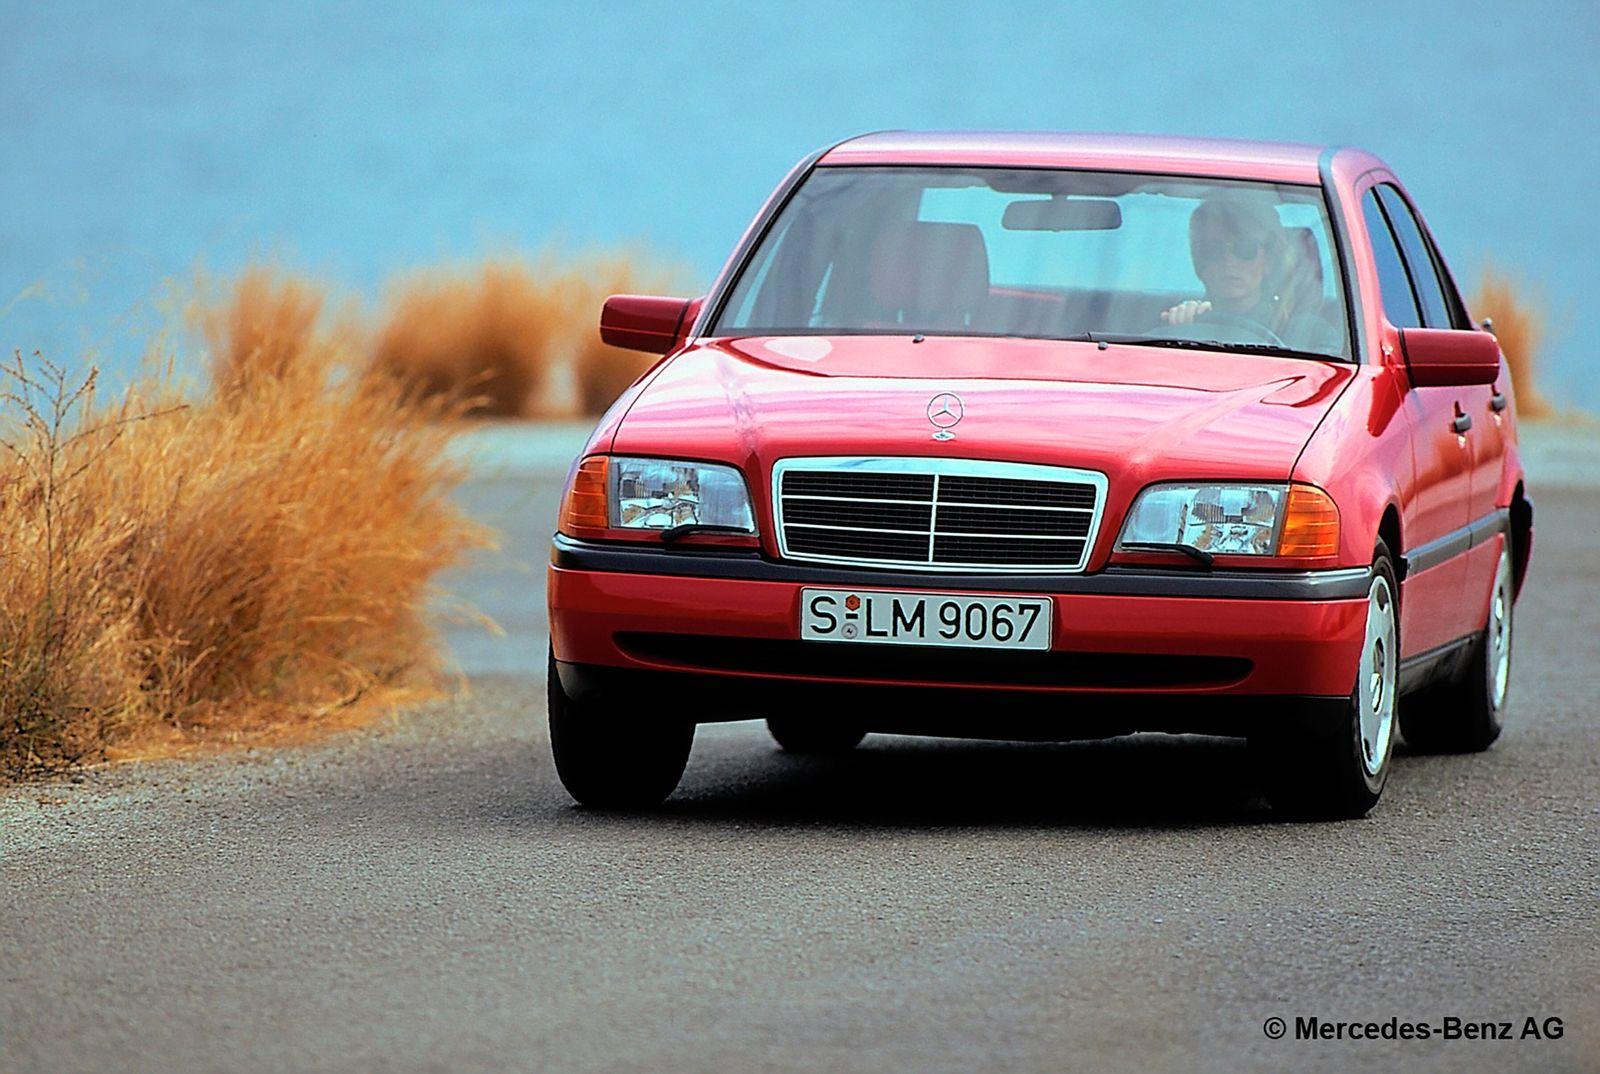 Mercedes-Benz C-Klasse-Limousine der Baureihe 202